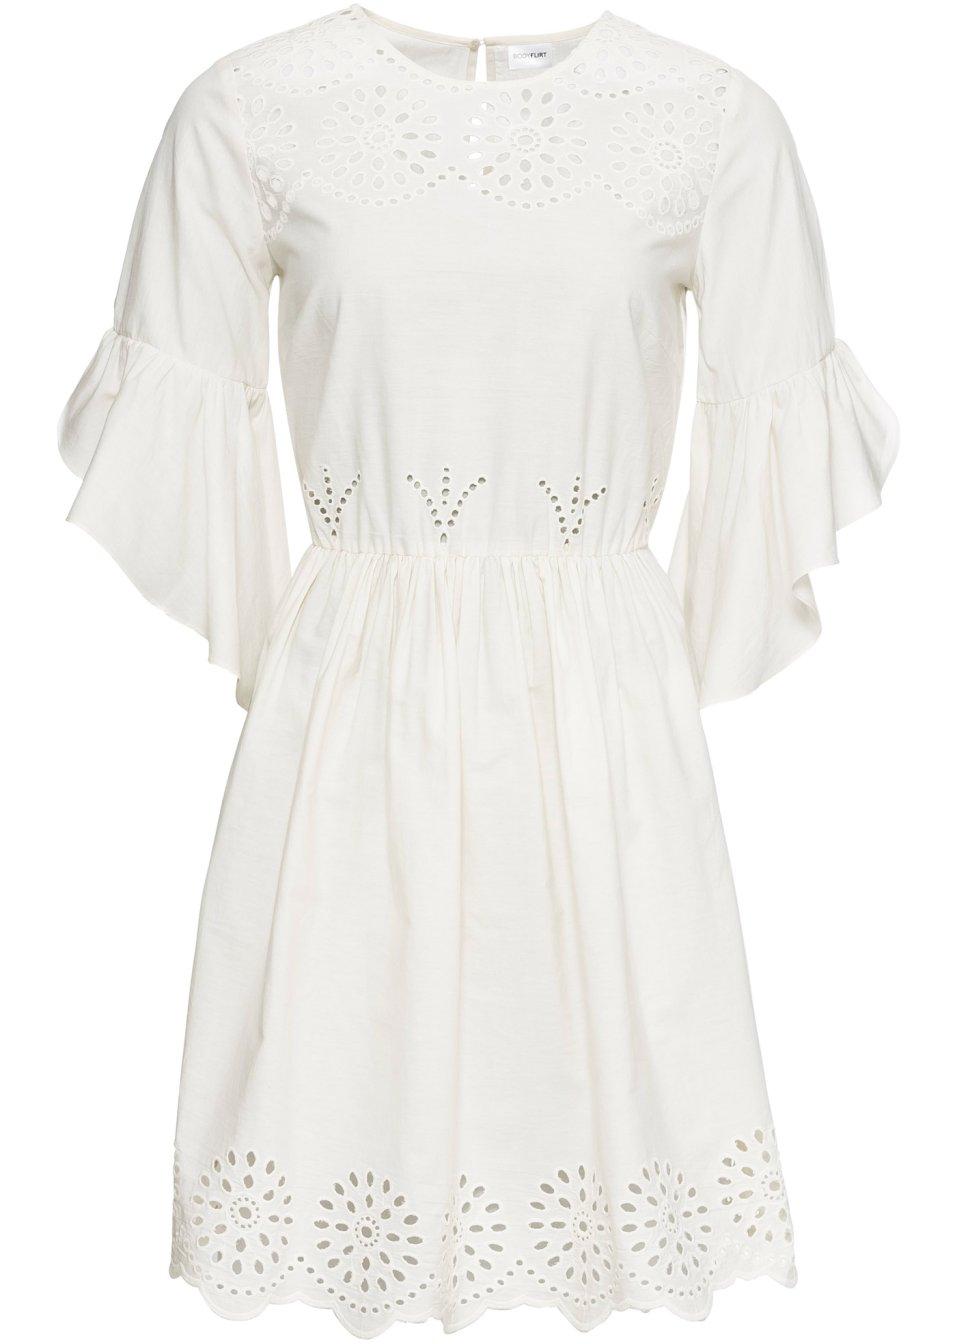 Romantisches Kleid mit Volantärmeln - wollweiß 42ViS zrscH